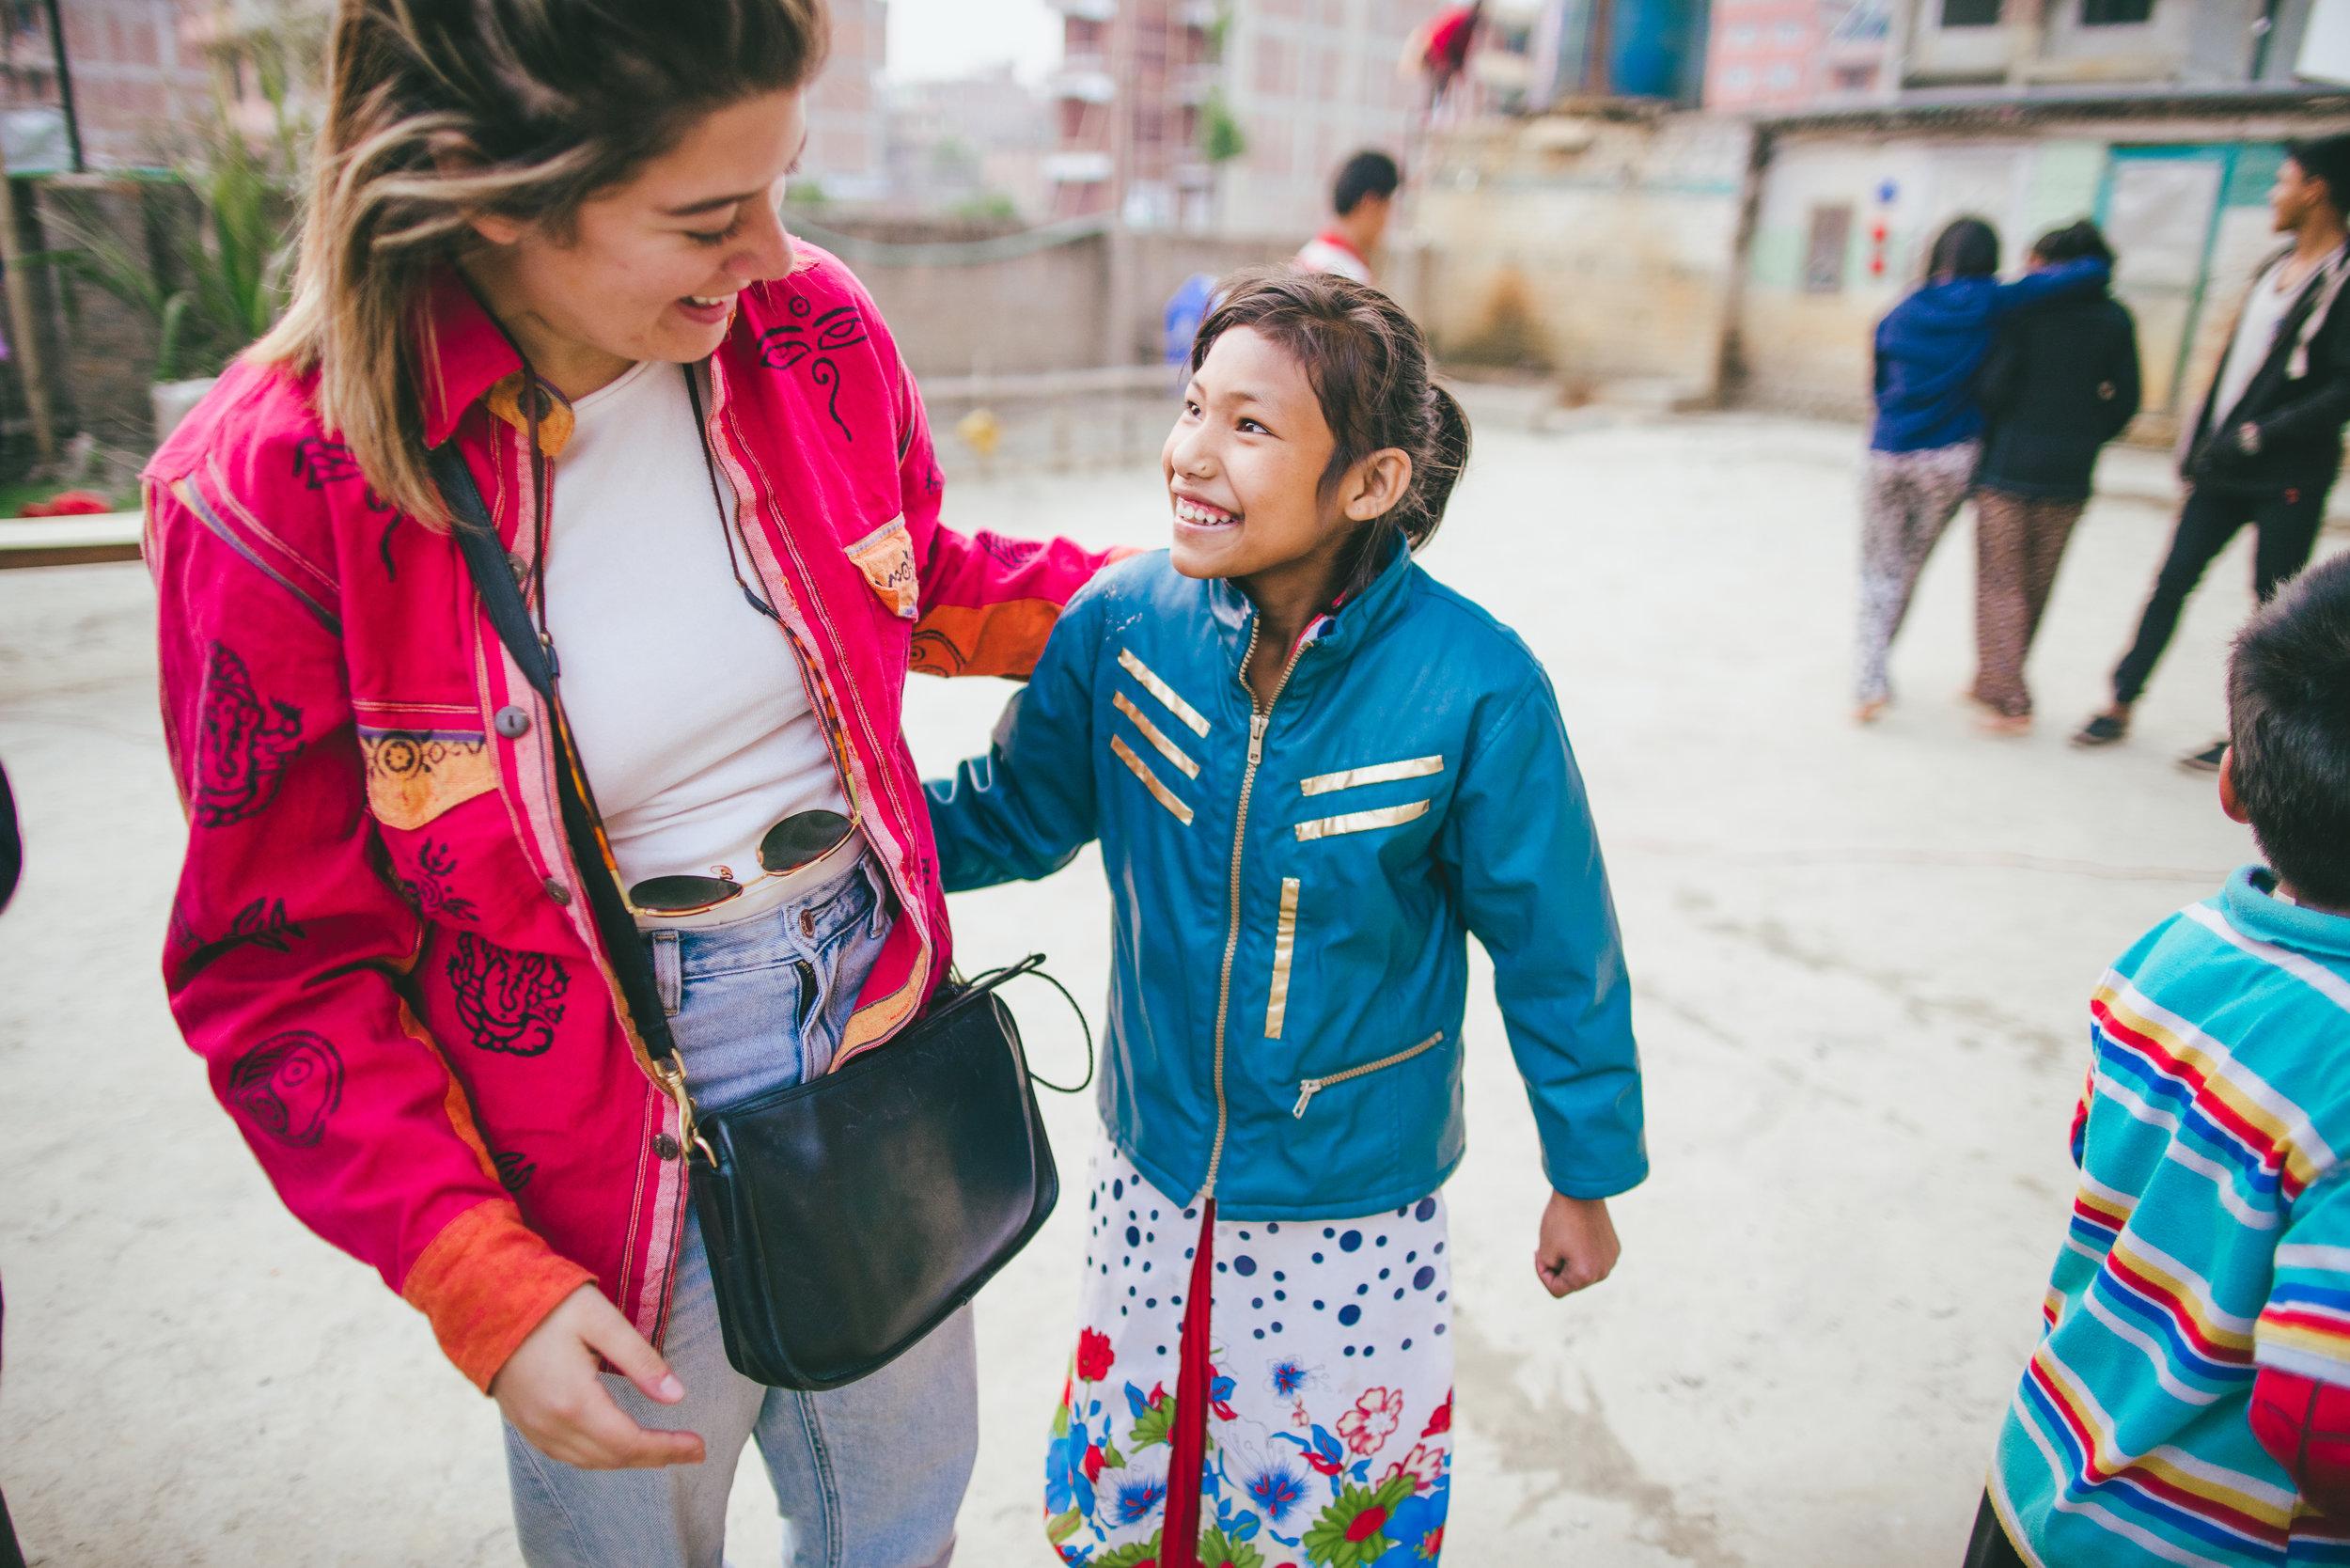 29_Nepal_Kathmandu_Mar.23.2018.jpg